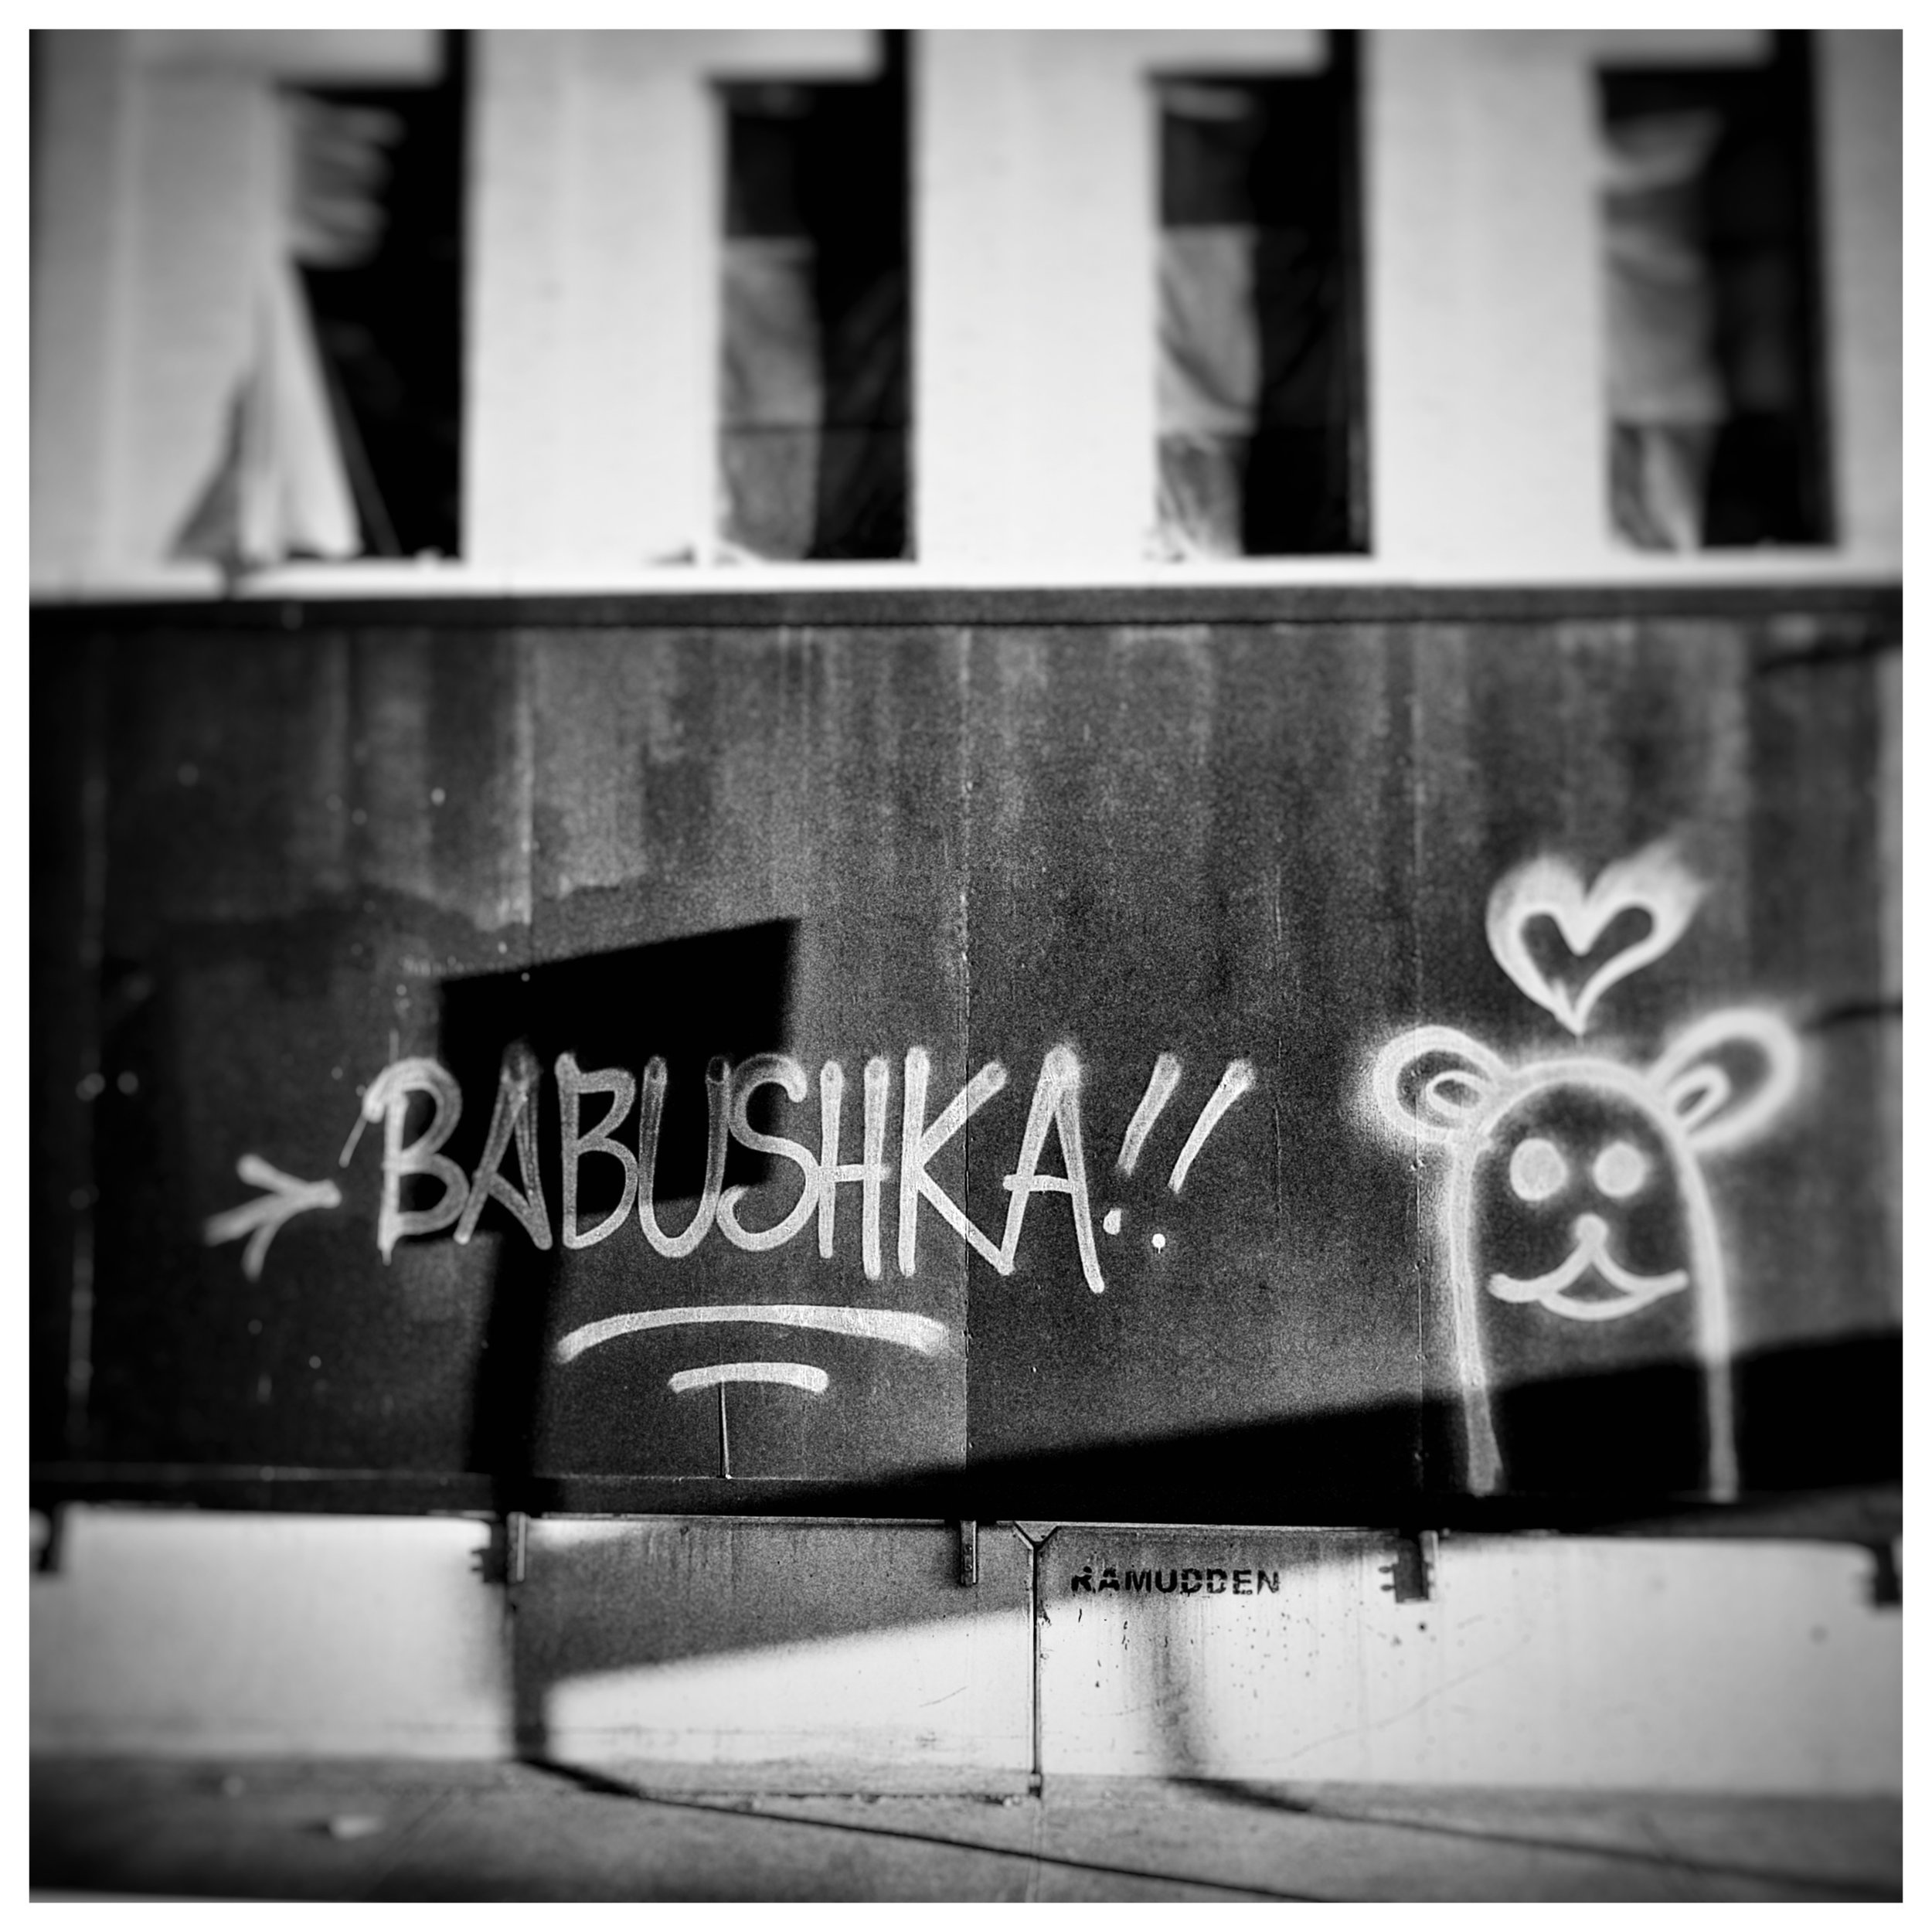 Day 155 - June 4: International Graffiti?